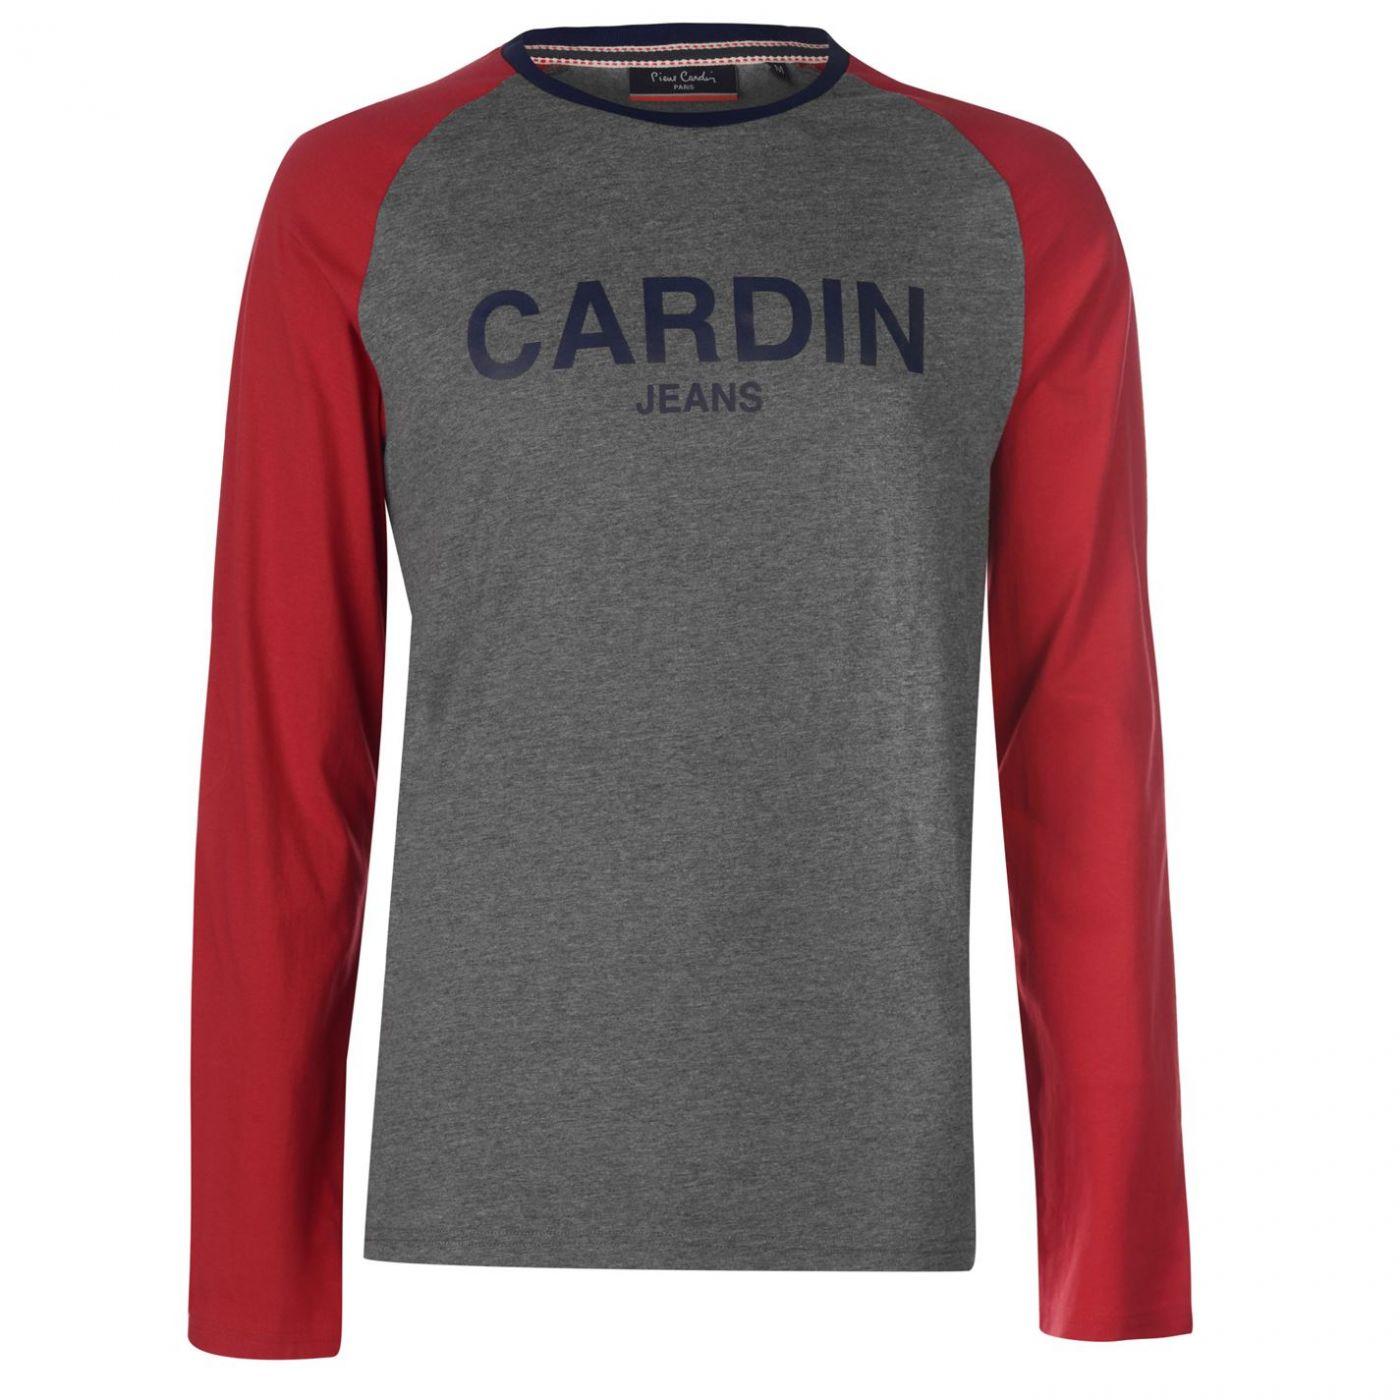 Men's T-shirt Pierre Cardin Raglan